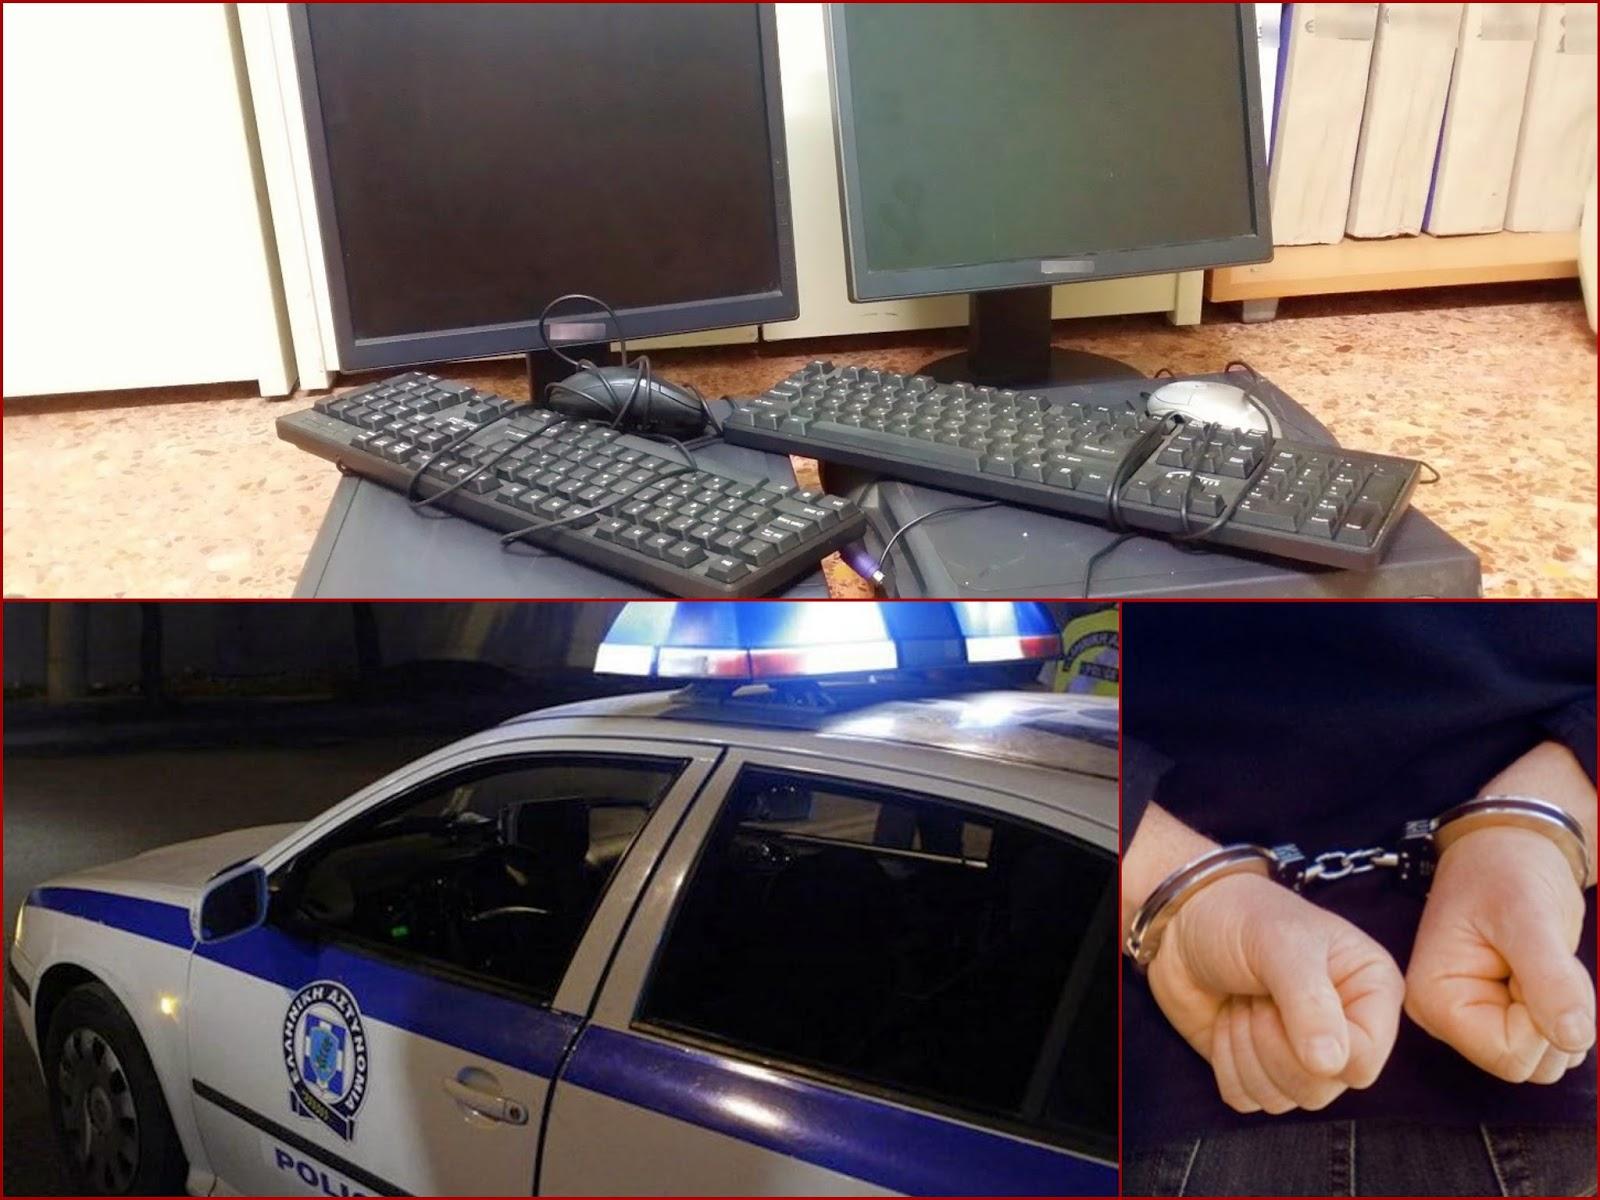 Τέσσερις συλλήψεις σε ίντερνετ καφέ για «φρουτάκια»